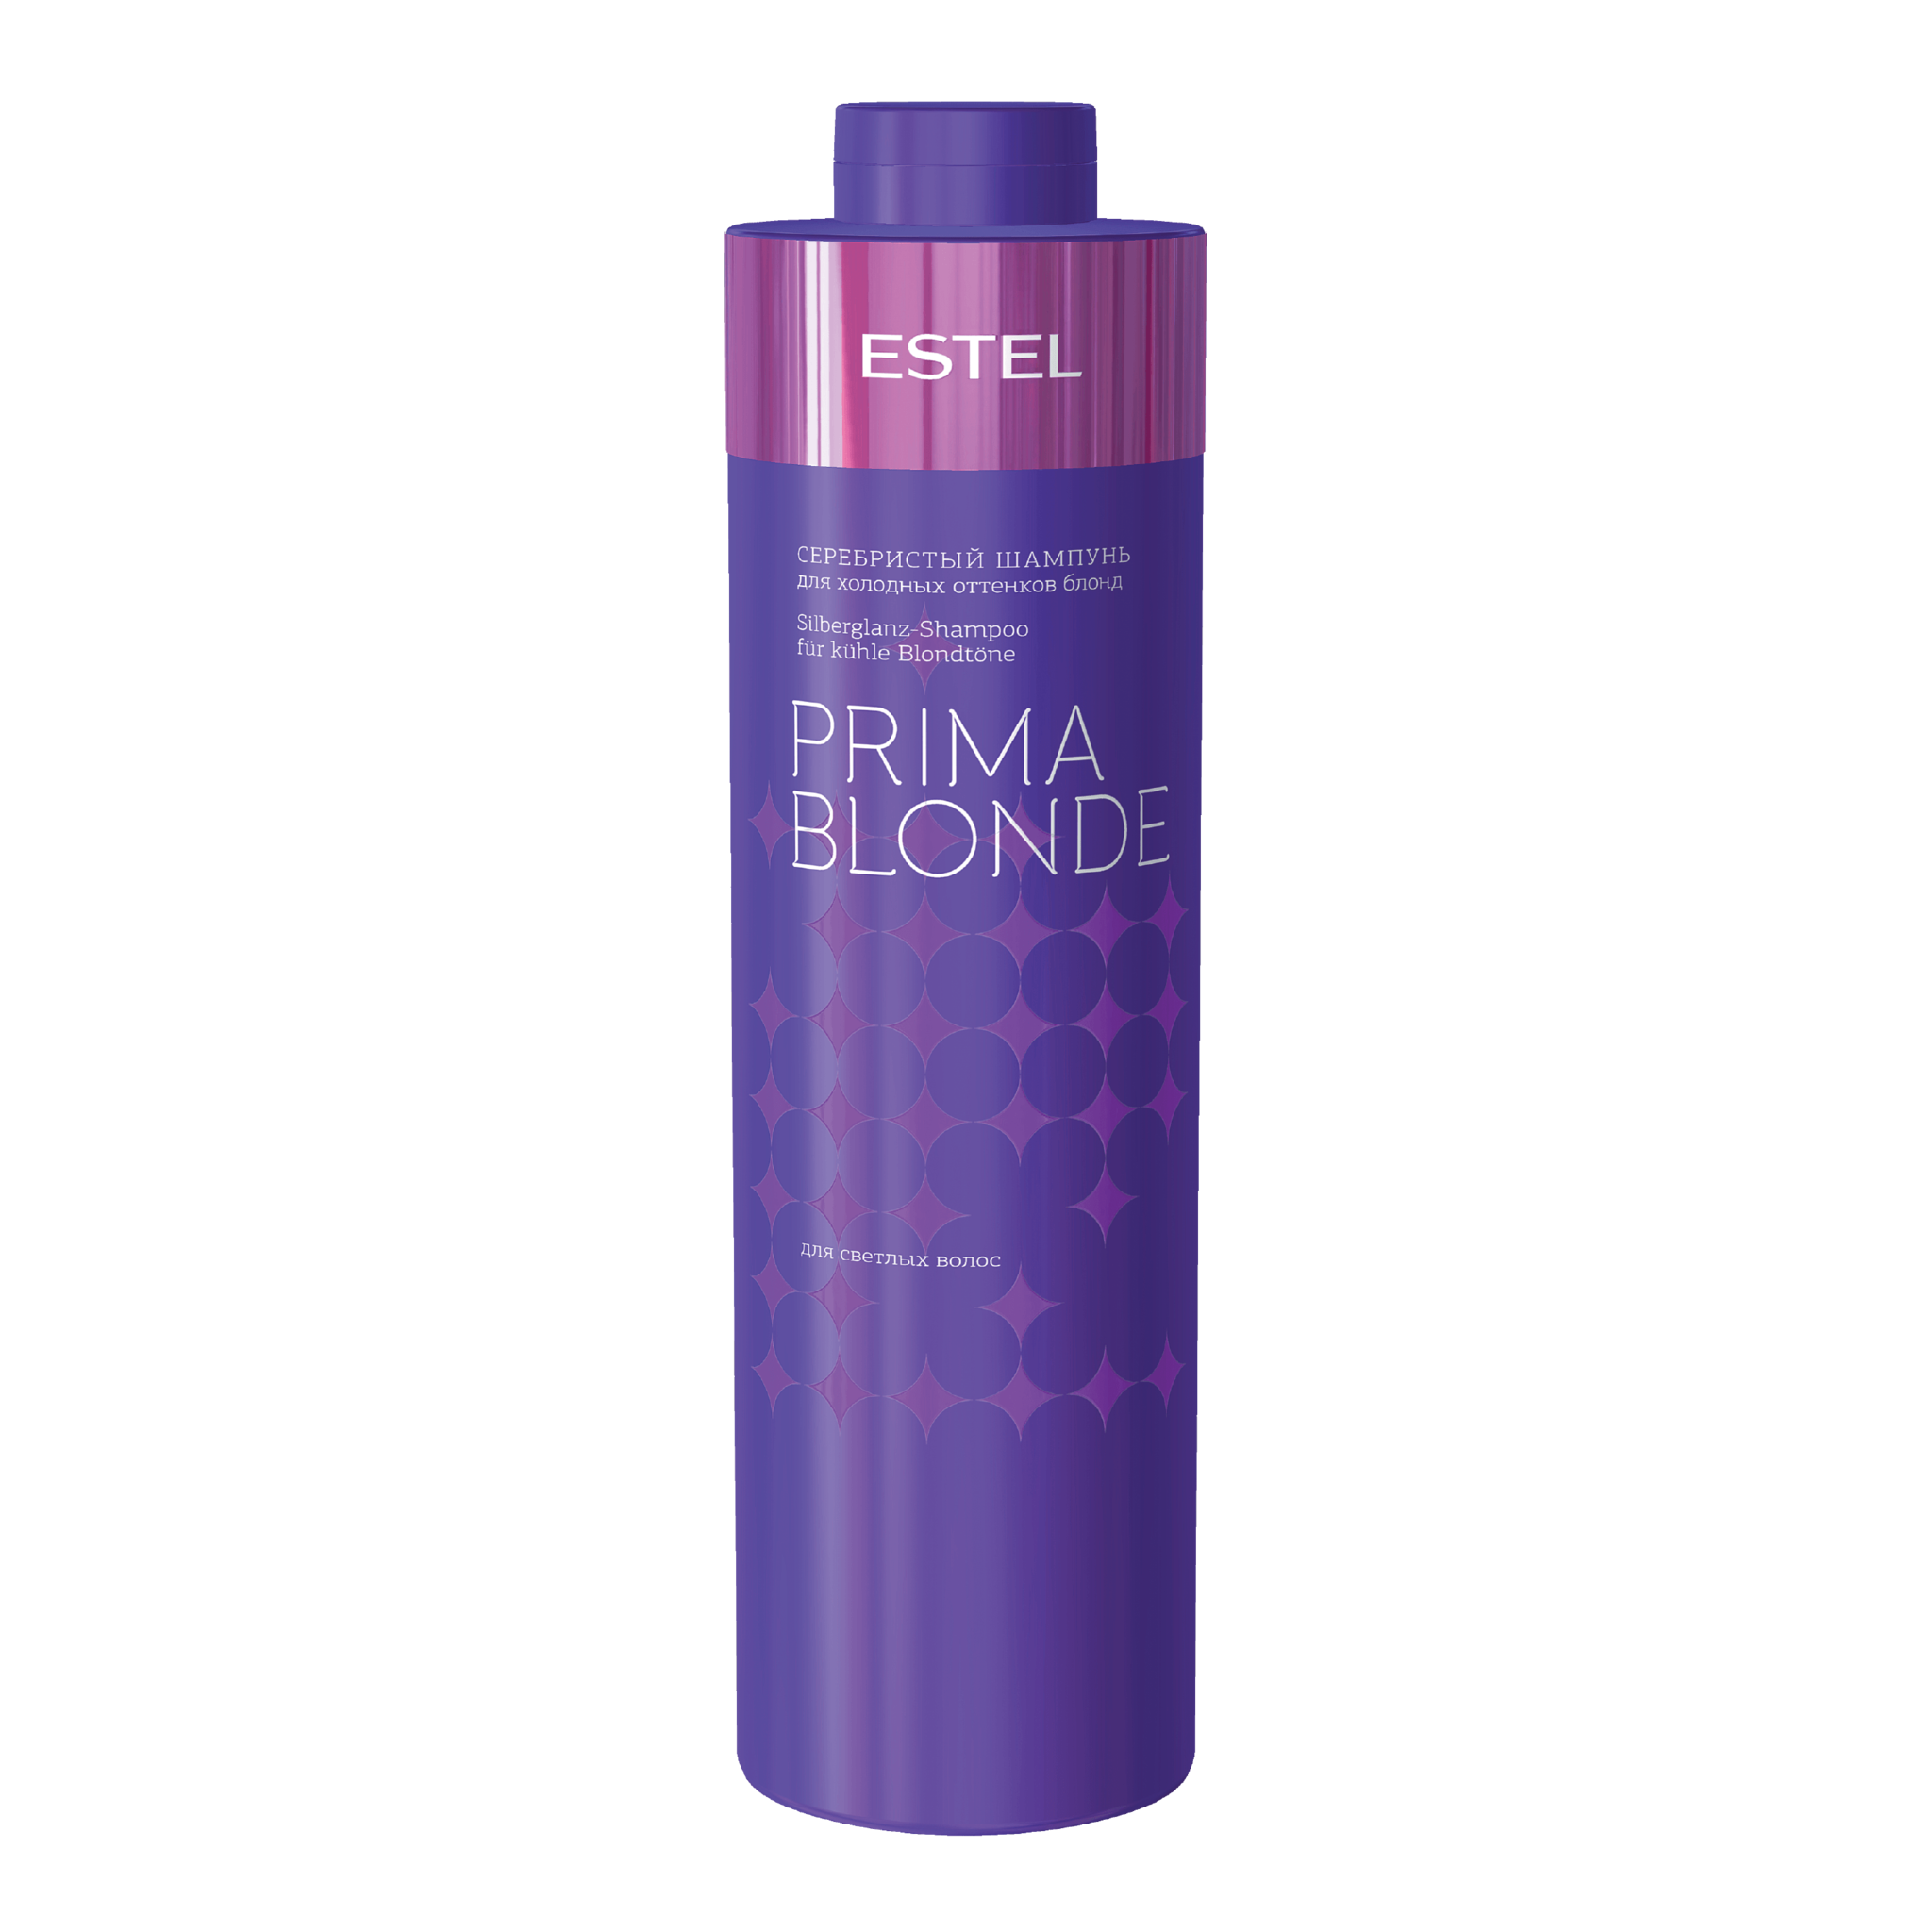 Серебристый шампунь для холодных оттенков блонд PRIMA BLONDE, 1000 мл